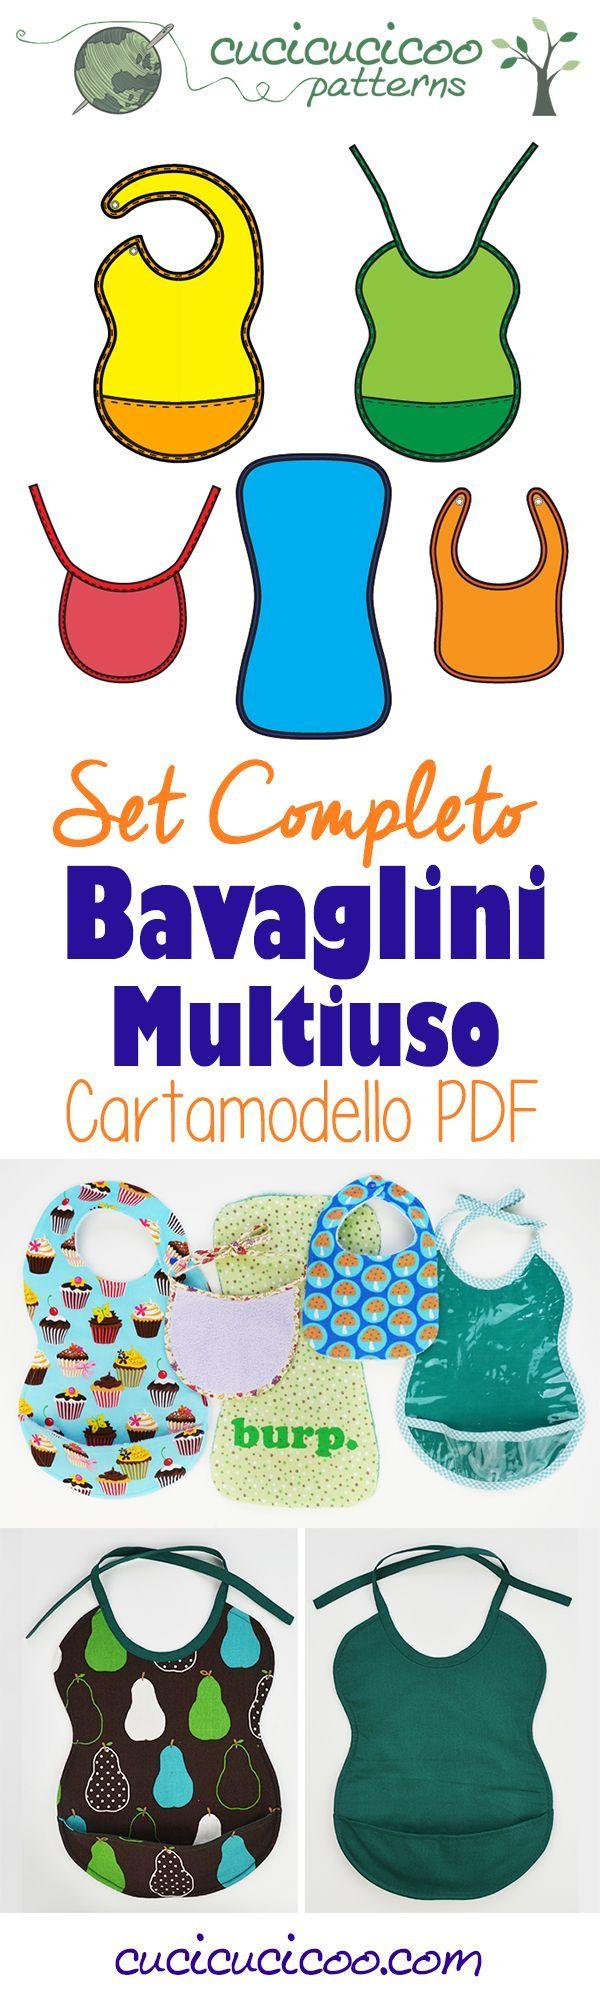 Oltre 25 fantastiche idee su bavaglini su pinterest for Cartamodello papillon